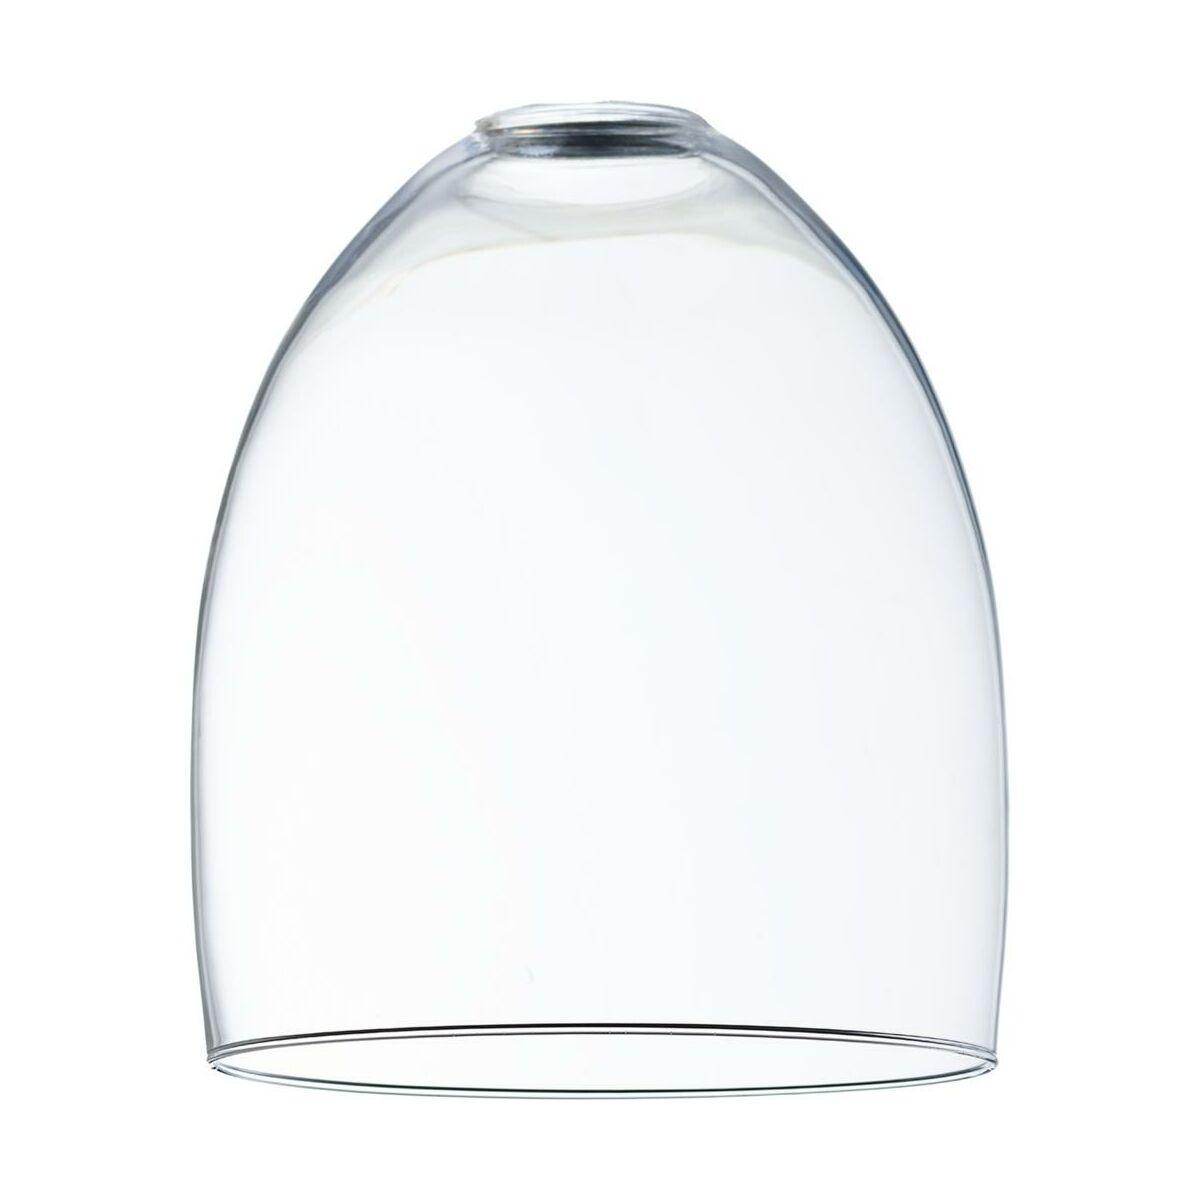 Zapasowy Klosz Do Lampy Roma 7368 Bezbarwny Tk Lighting Klosze W Atrakcyjnej Cenie W Sklepach Leroy Merlin